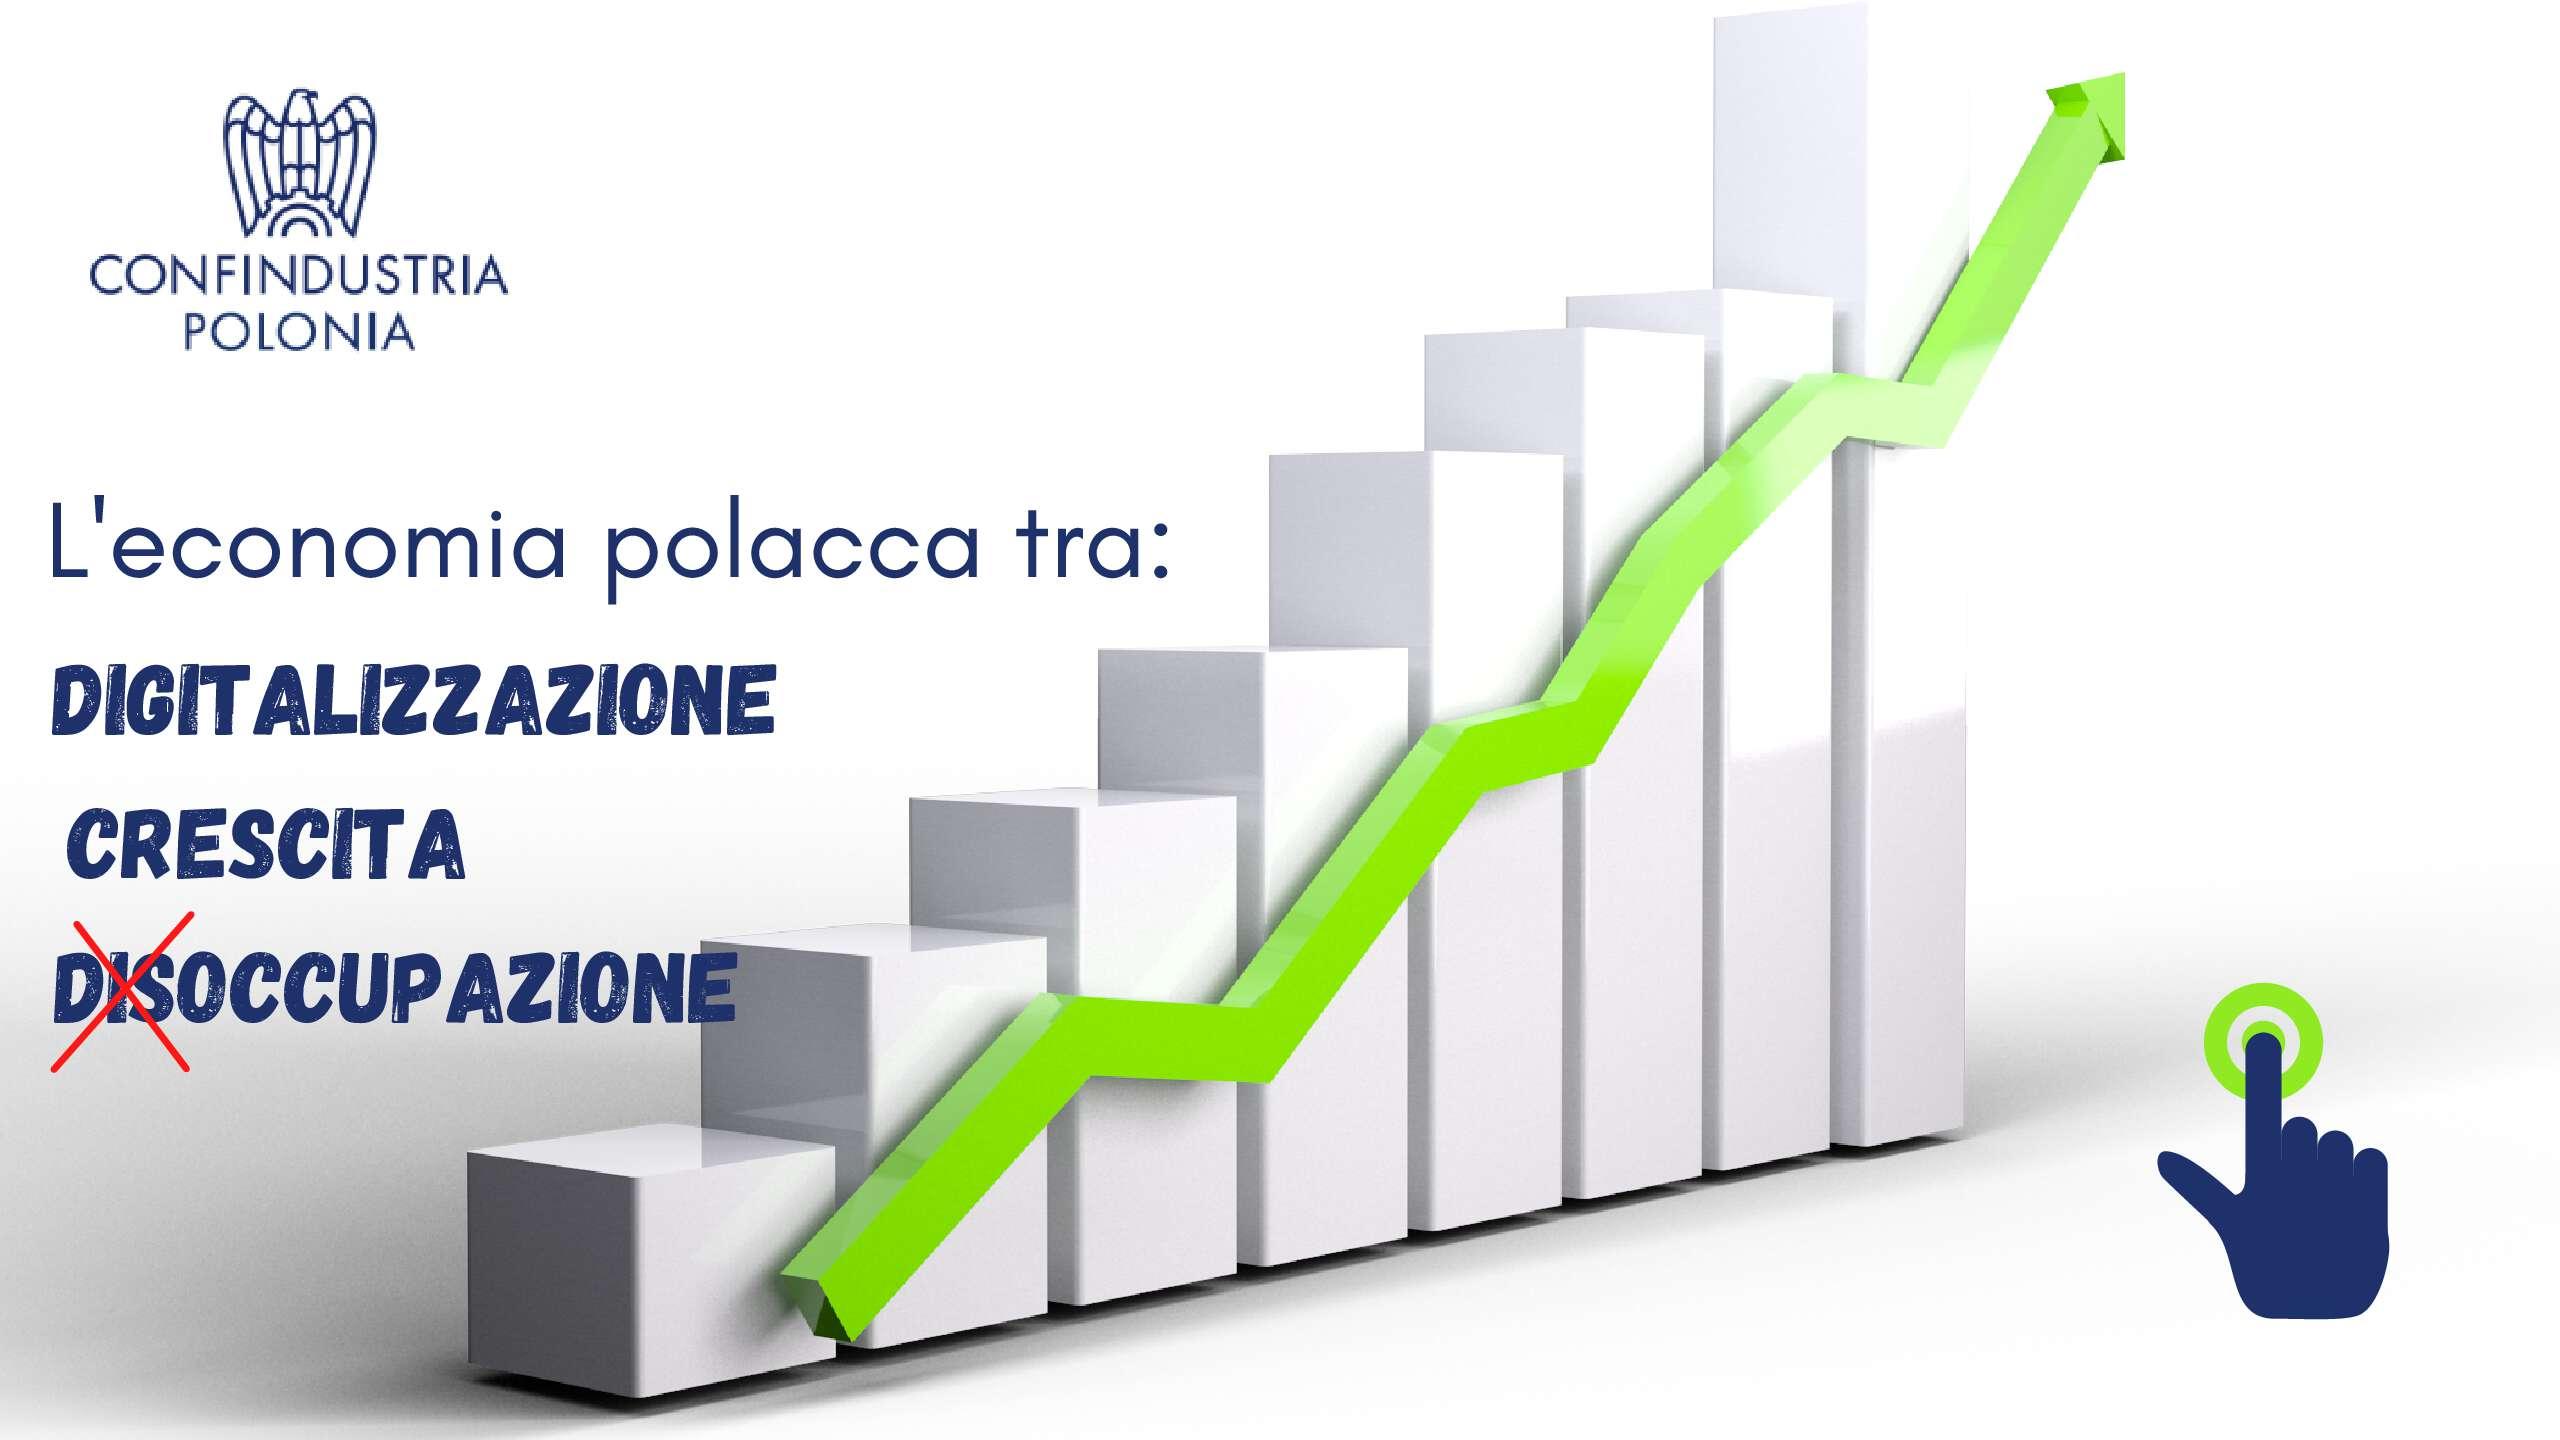 L'andamento dell'economia polacca, tra digitalizzazione, crescita e disoccupazione (in calo)